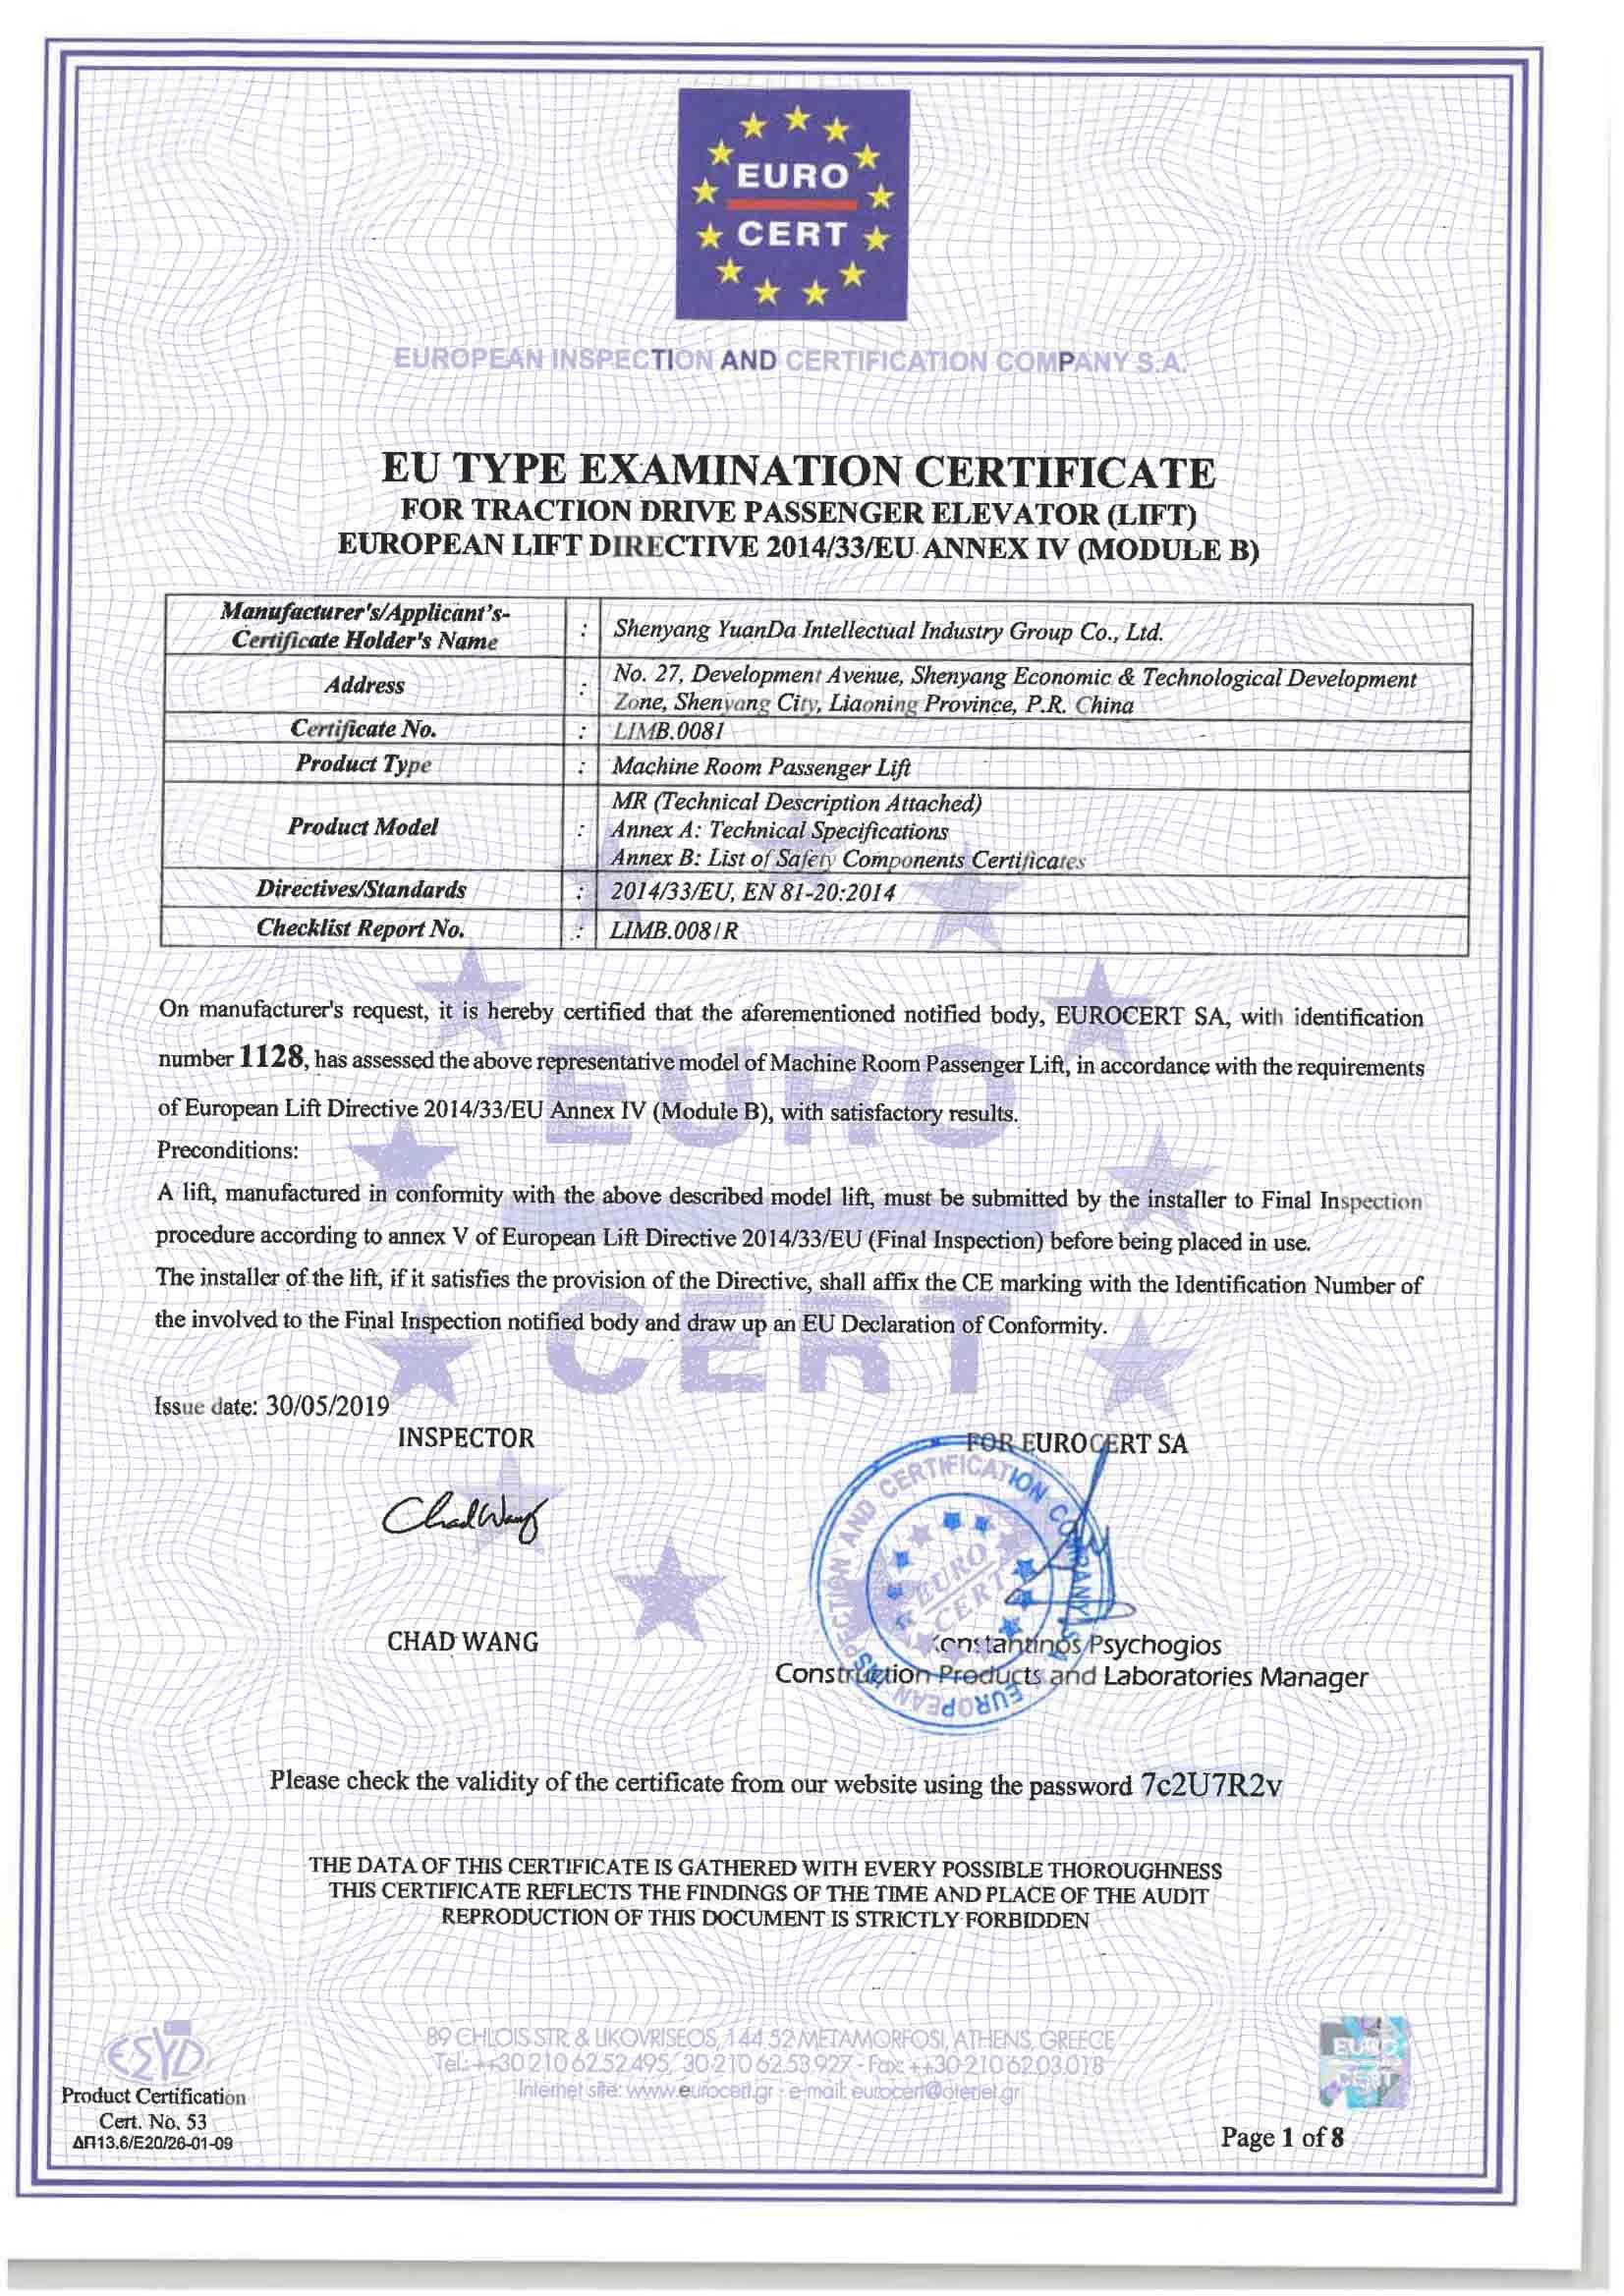 Chúc mừng sản phẩm thang máy BLT tiếp tục đạt được chứng chỉ chất lượng tiêu chuẩn Châu Âu (EU Certificate)